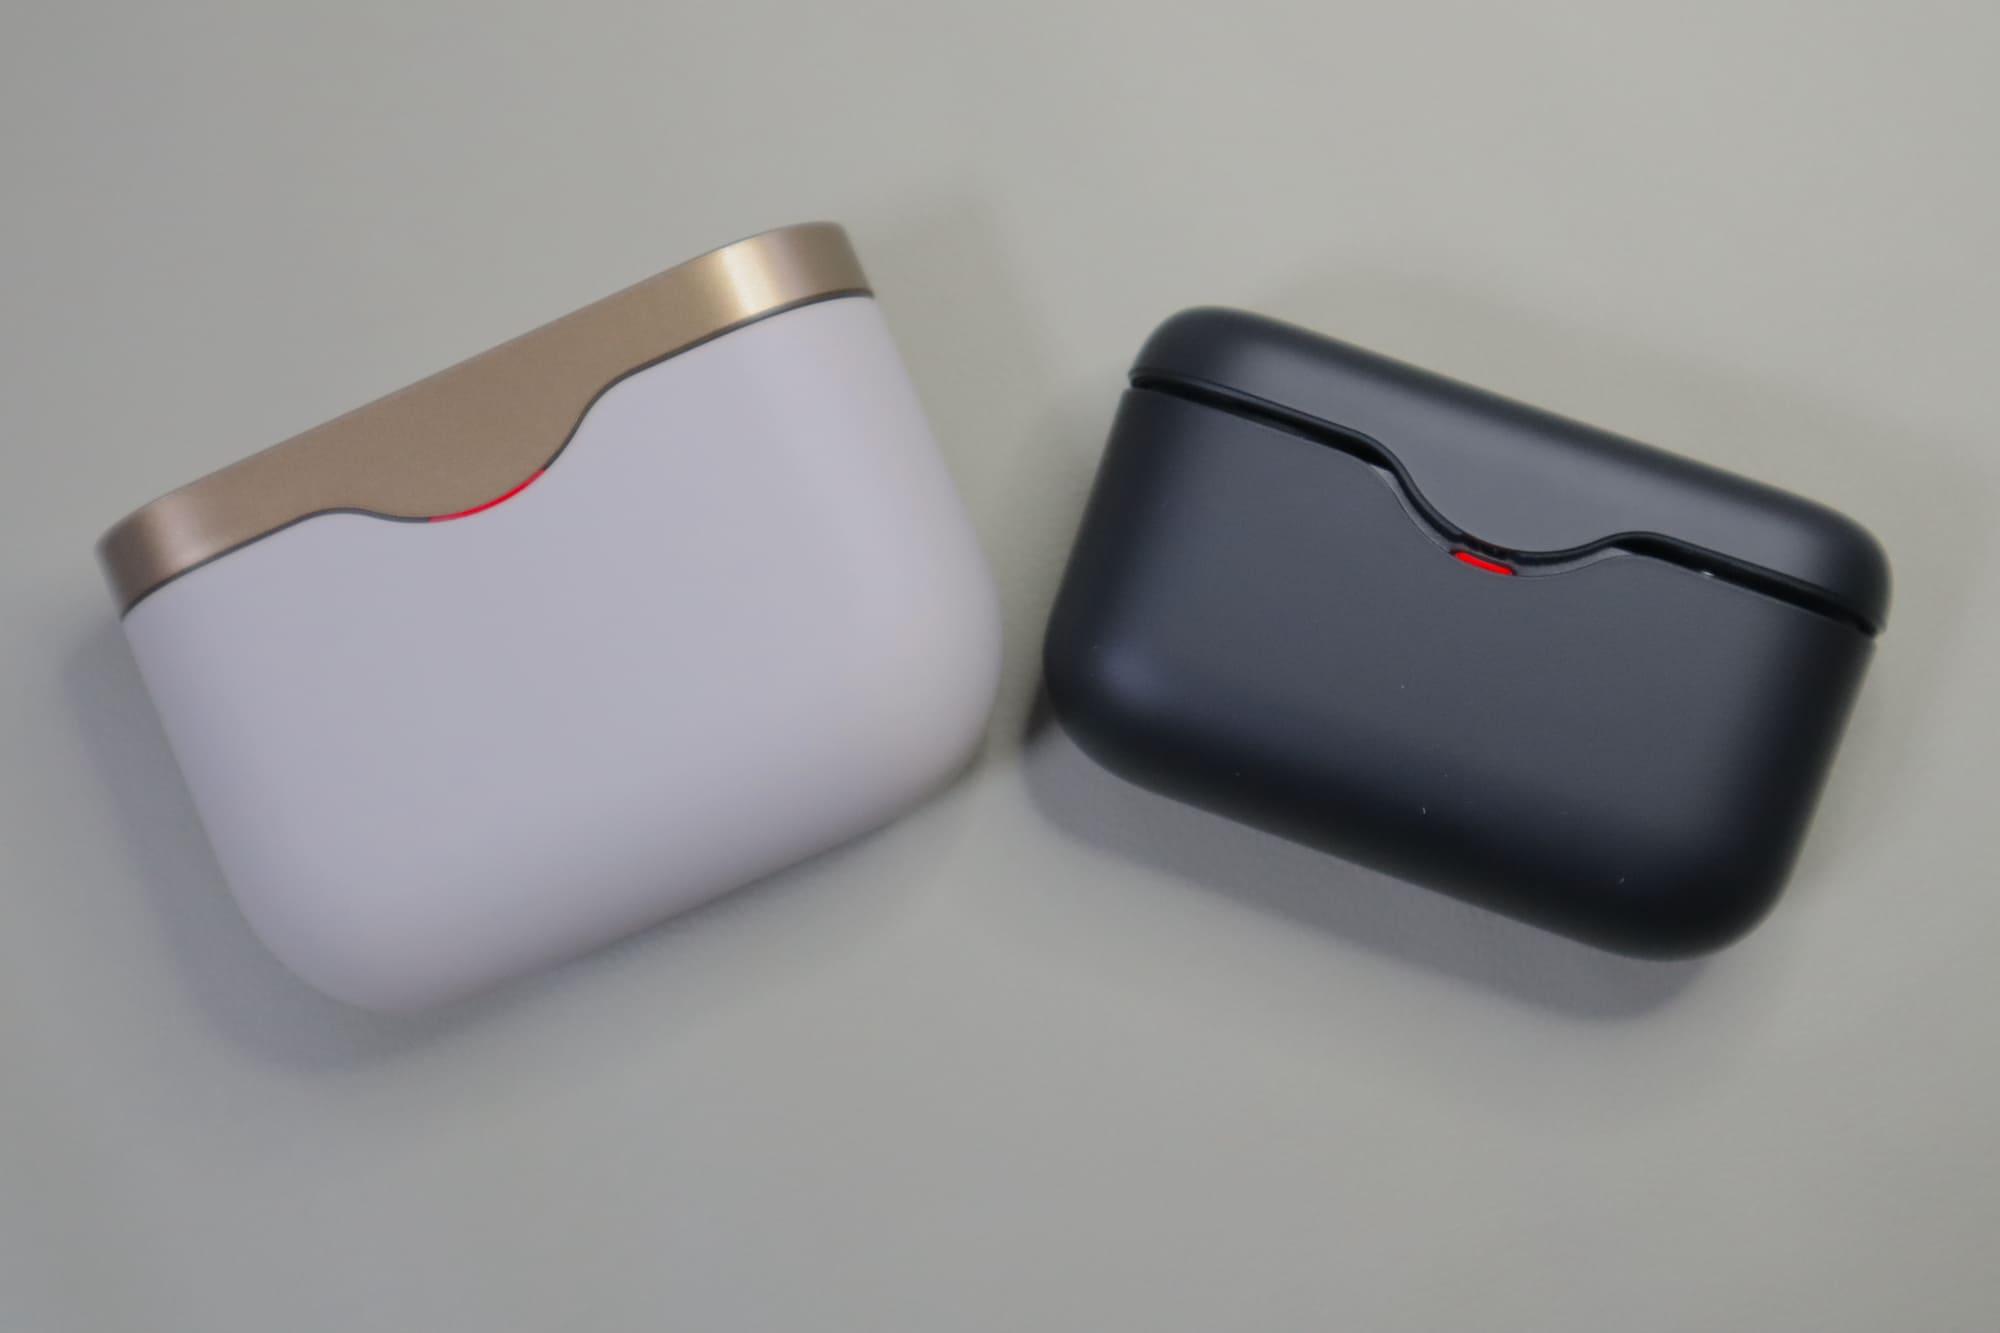 WF-H800とWF-1000XM3の充電ケース